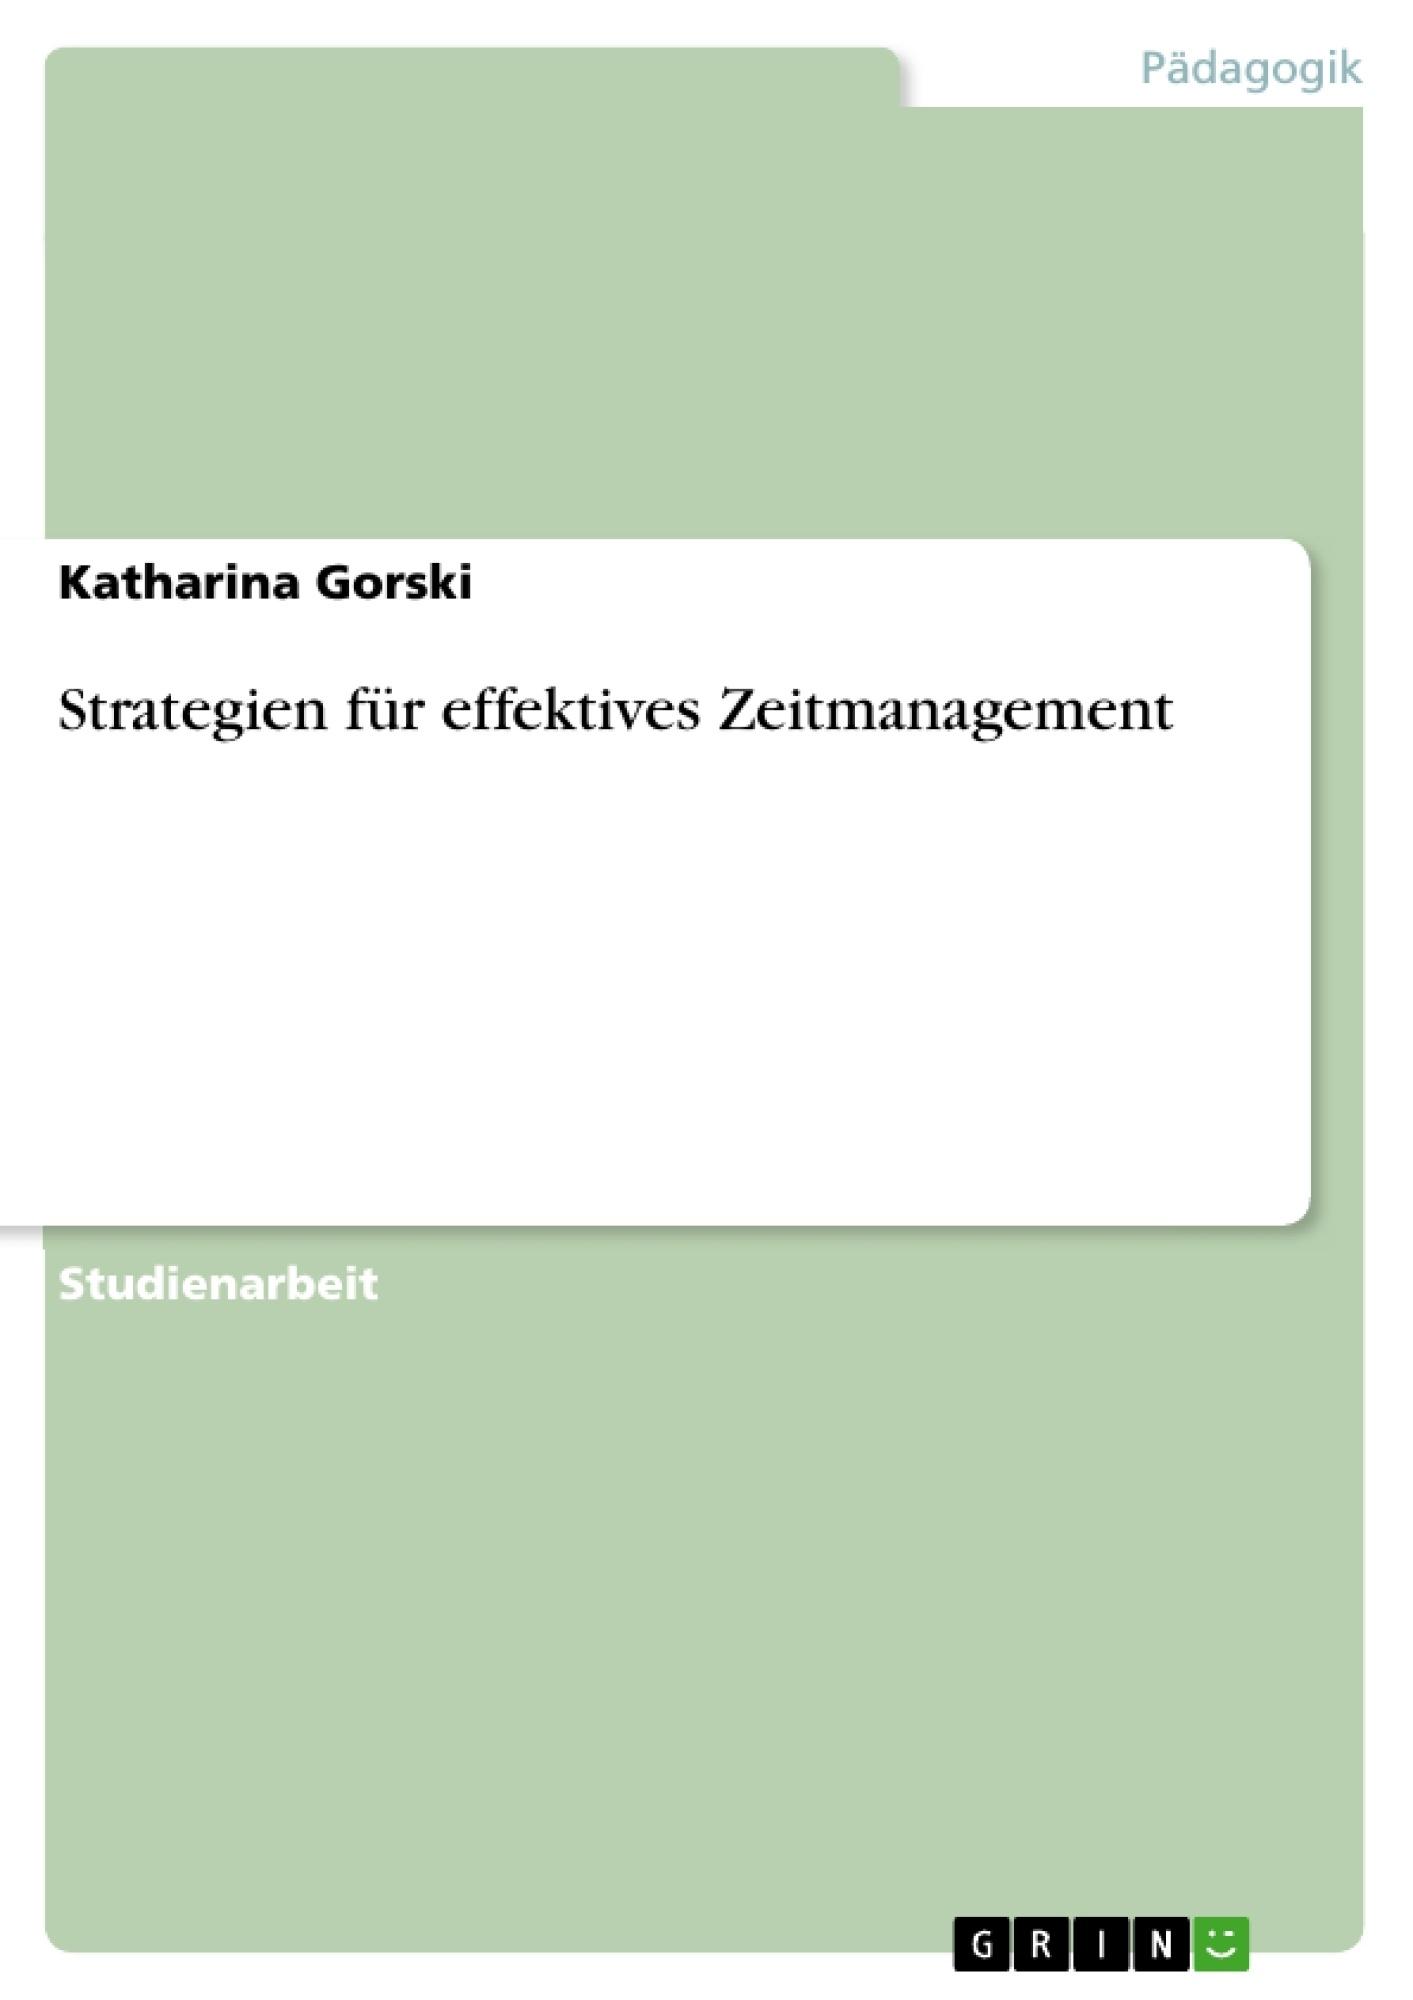 Titel: Strategien für effektives Zeitmanagement